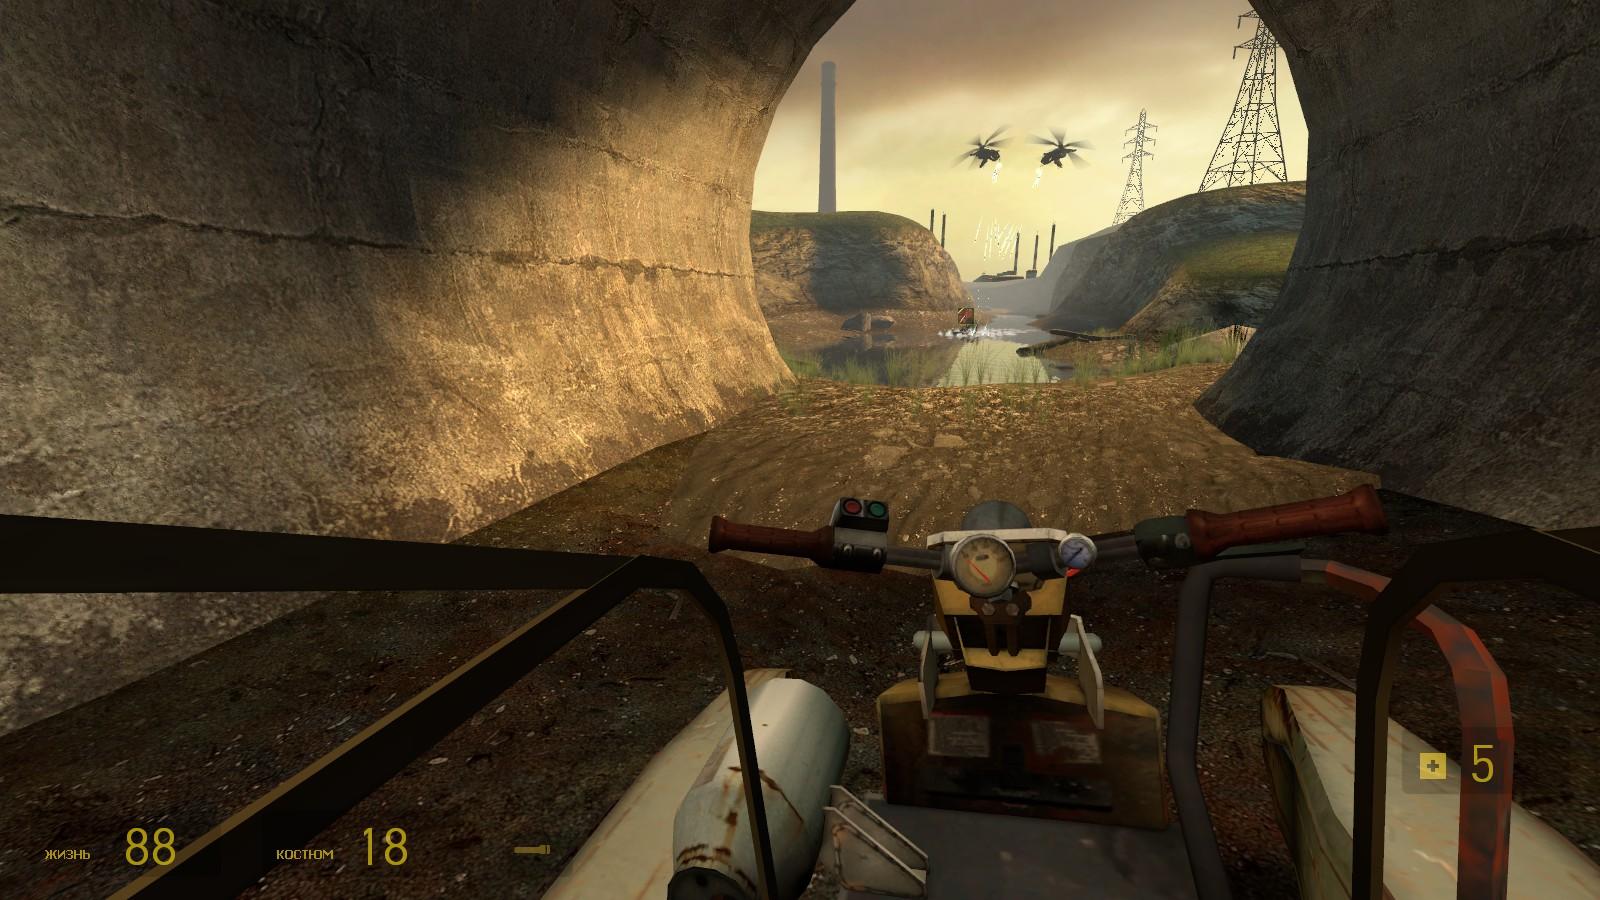 Вечер, река, щедрый расстрел одного повстанца двумя вертолетами и БТР сразу... романтика! - Half-Life 2 Synergy